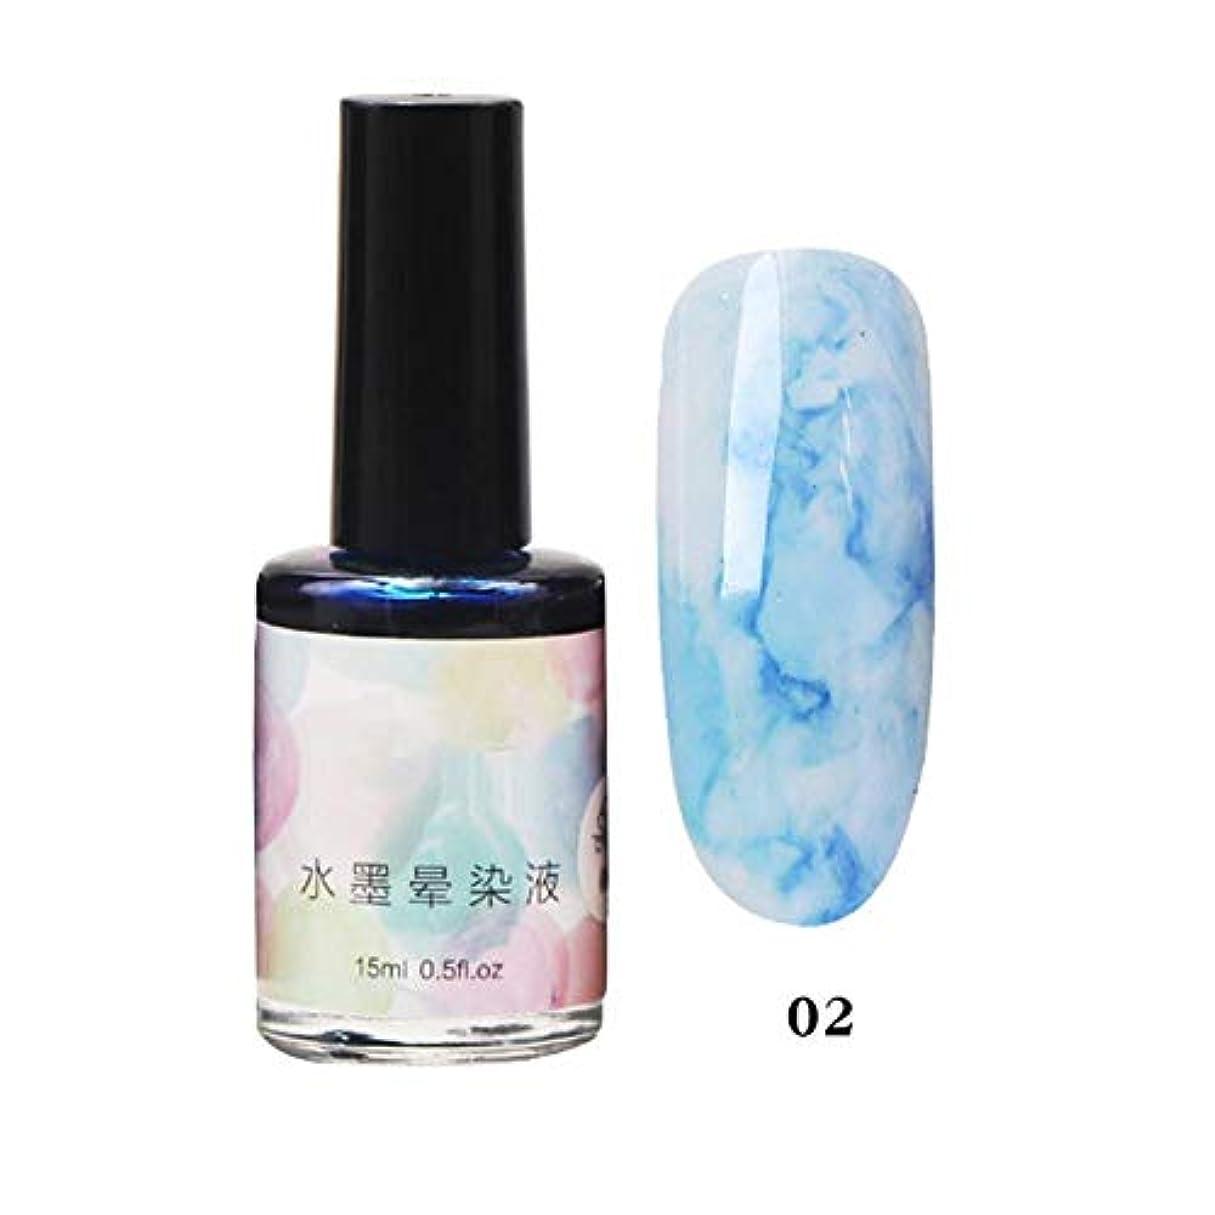 大使伝染性実質的11色選べる ネイルポリッシュ マニキュア ネイルアート 美しい 水墨柄 ネイルカラー 液体 爪に塗って乾かす 初心者でも簡単に使用できる junexi